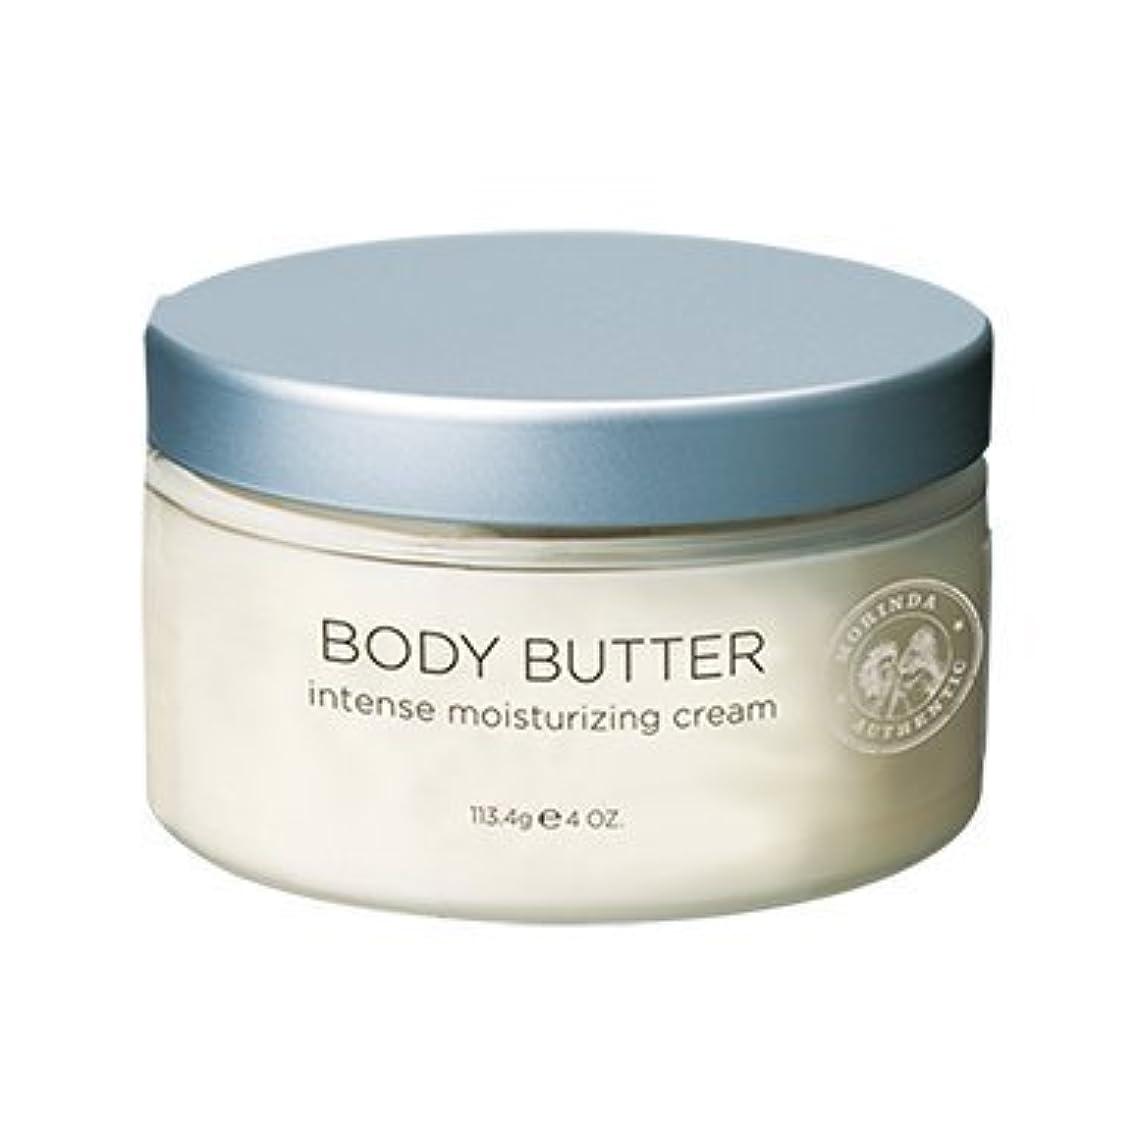 汚染するタオル素人モリンダ MORINDA ボディー バター ボディ用 クリーム タヒチアンノニ Body Butter Cream